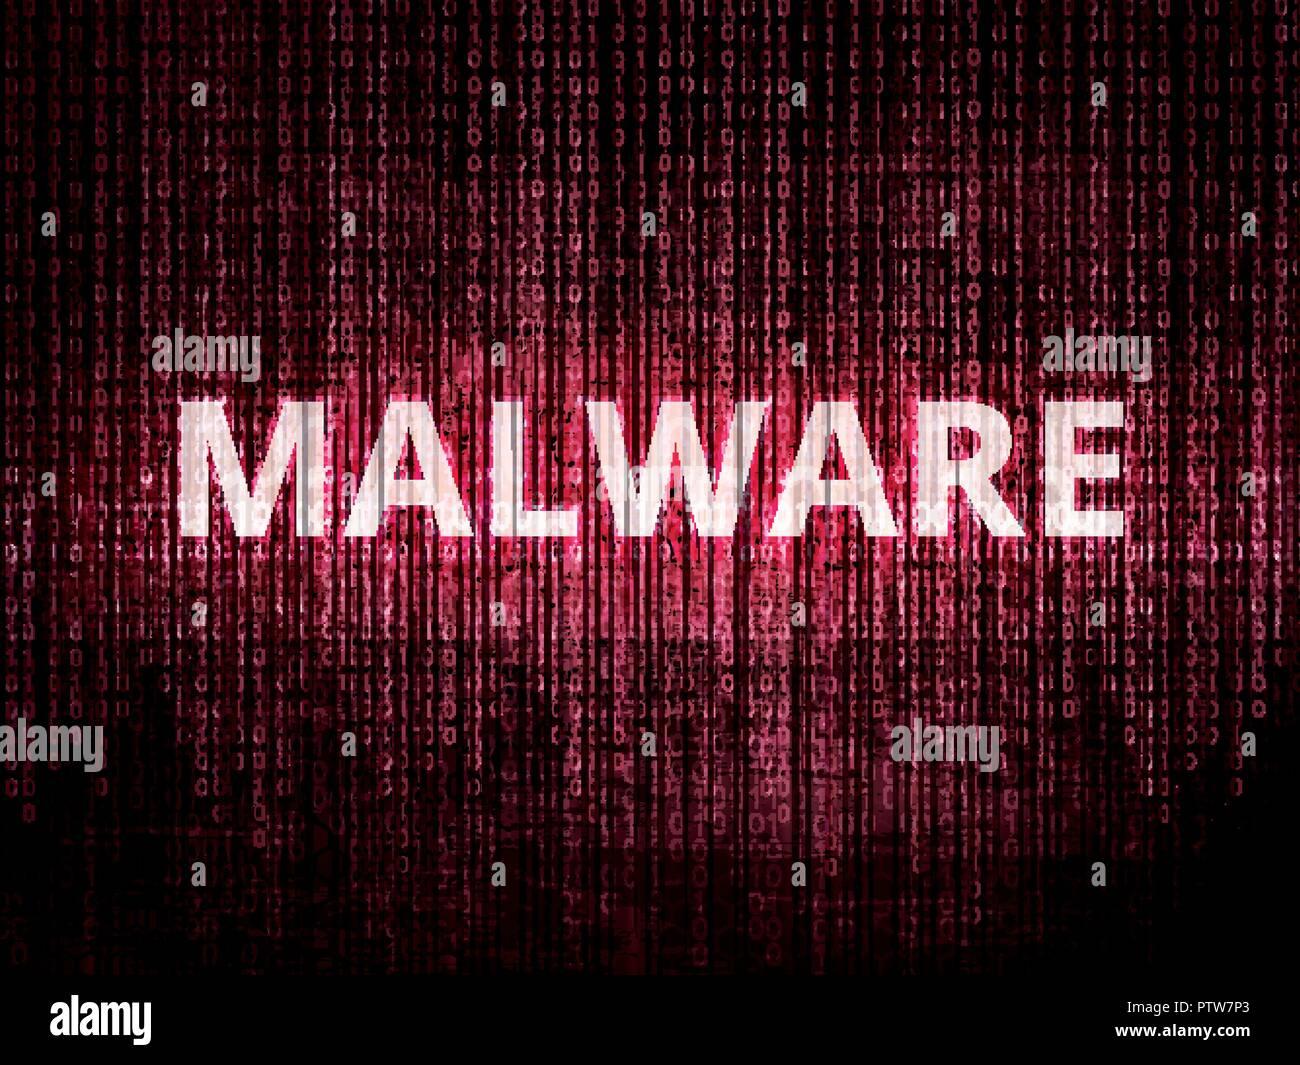 Text Malware auf dem Hintergrund mit binären Codierung in Rot. Konzept der Verletzung der Privatsphäre, Hacker Angriff, computer Angriff durch Viren, ransomware, Malware Stockbild